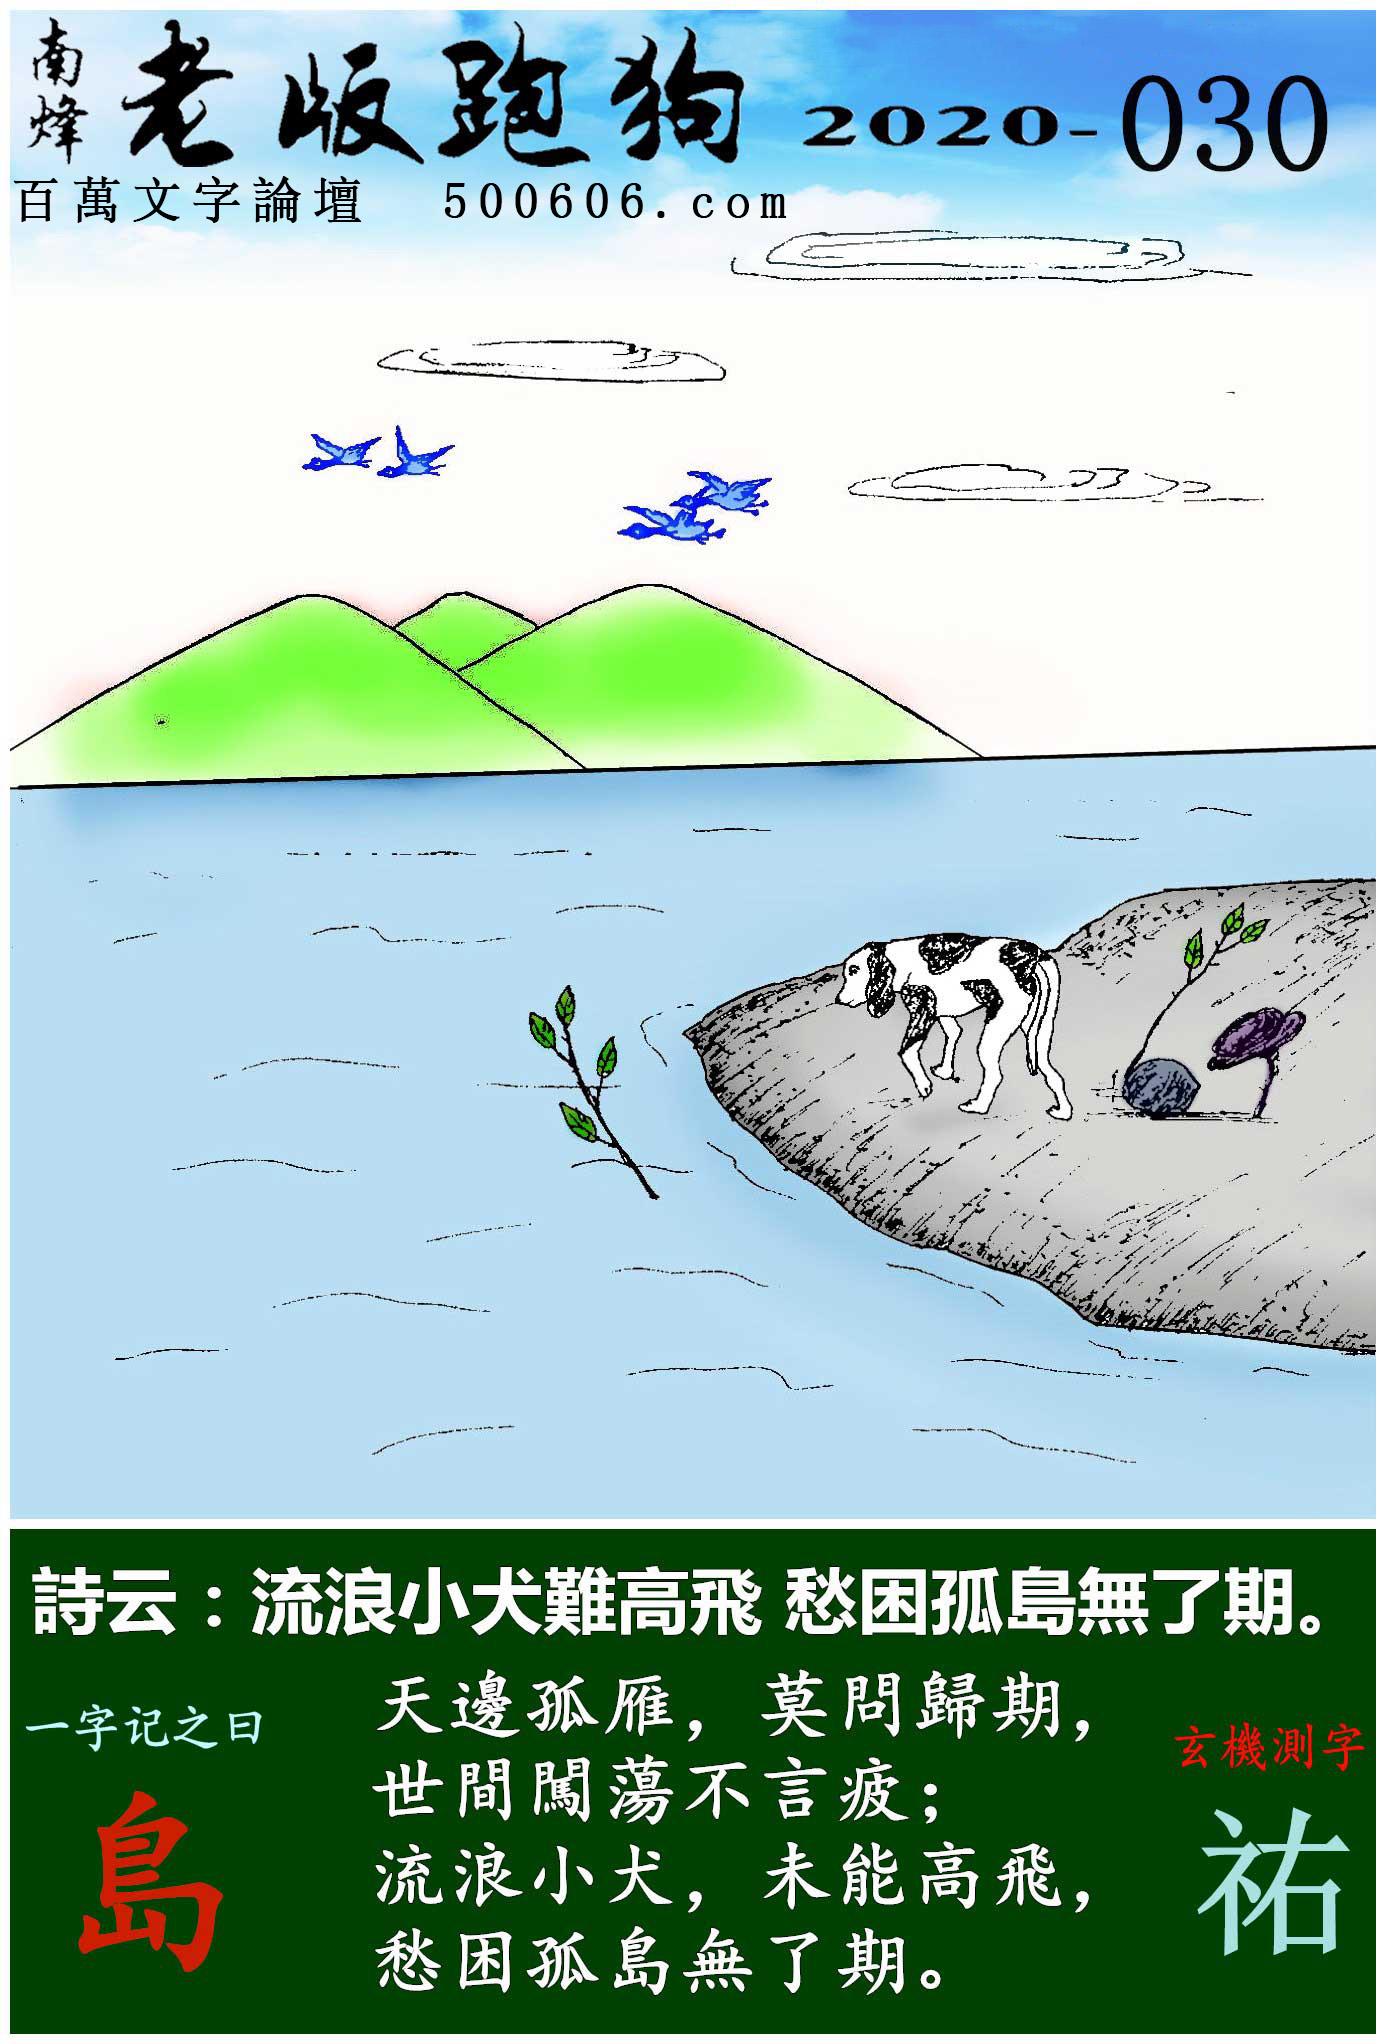 030期老版跑狗一字�之曰:【�u】 ��:流浪小犬�y高�w,愁困孤�u�o了期。